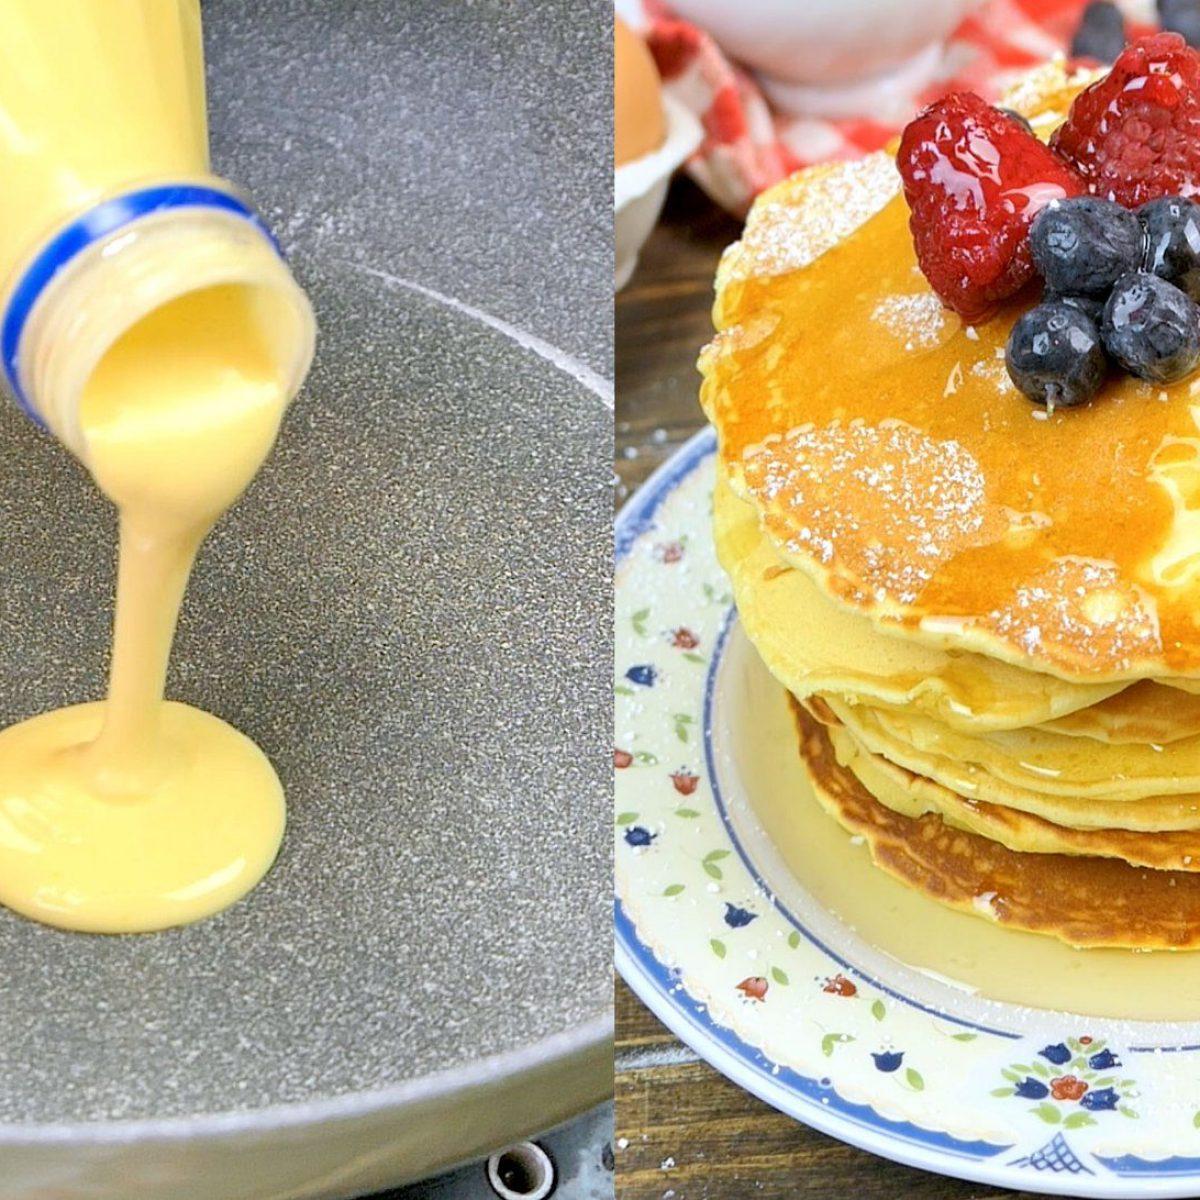 Ricetta Pancake Nella Bottiglia.Come Preparare I Pancakes Con L Aiuto Di Una Bottiglia Di Plastica E Riutilizzarla Prima Di Gettarla Via Ohga